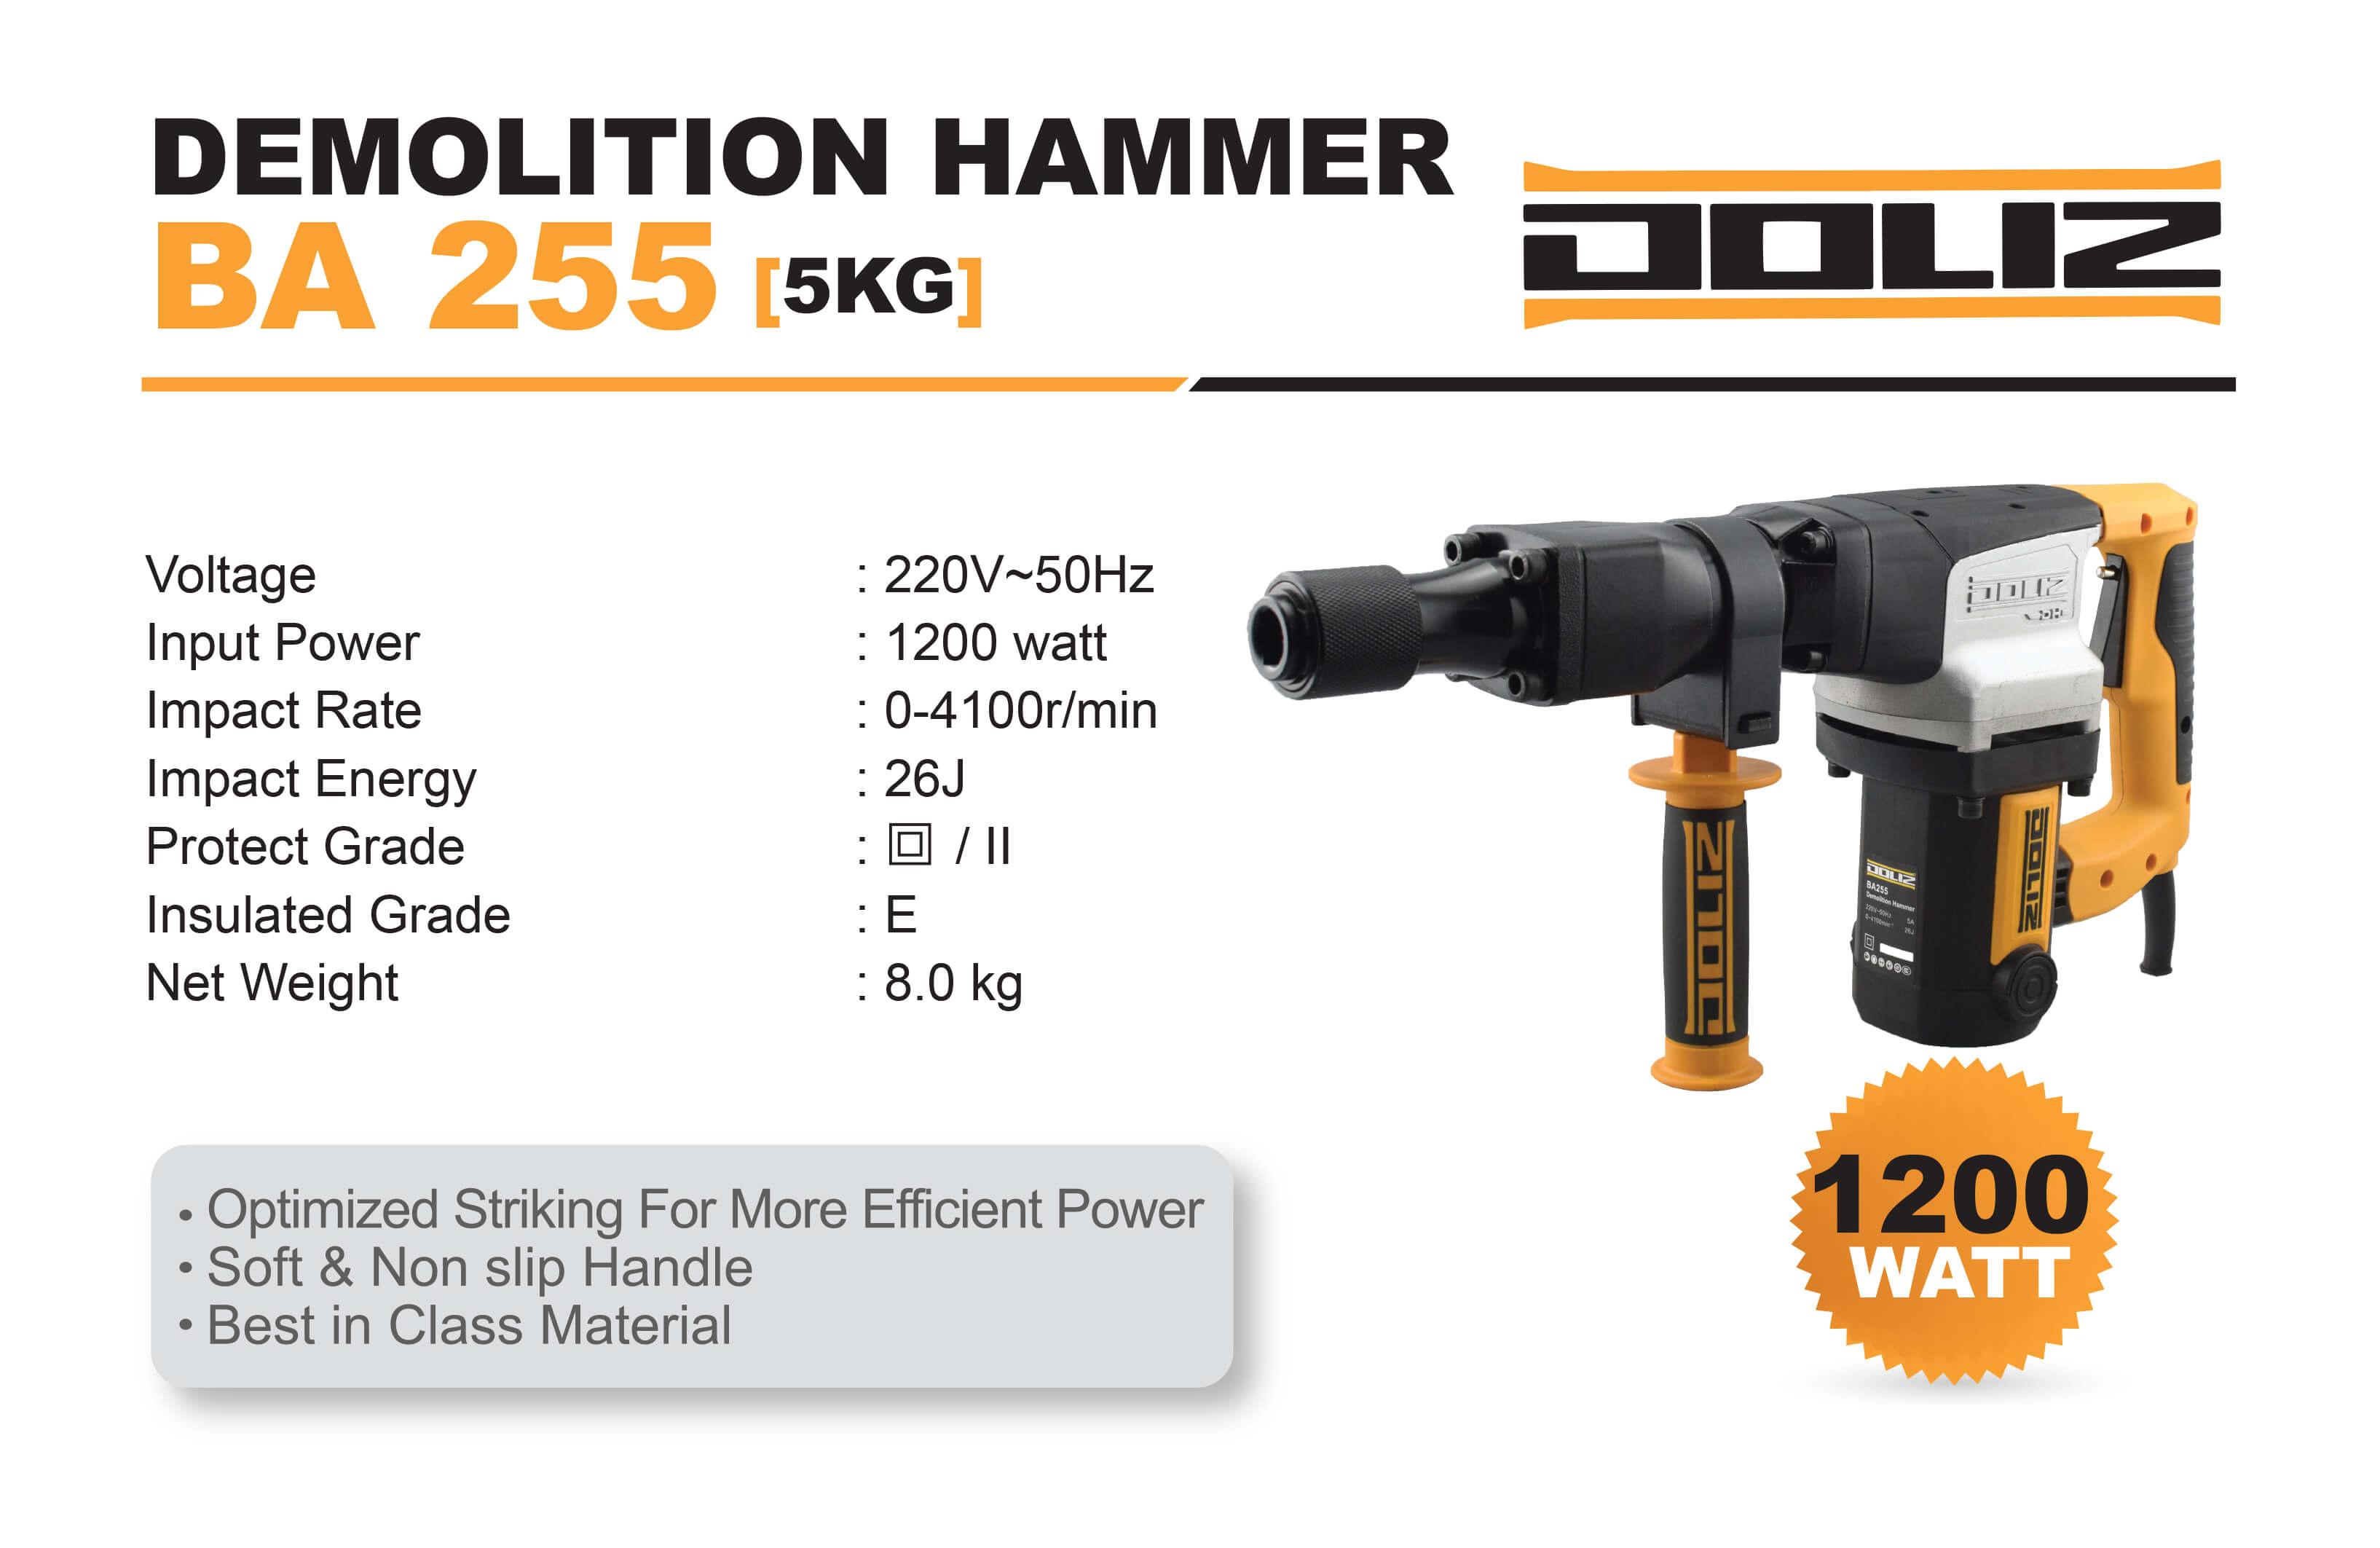 doliz demolition hammer ba 255